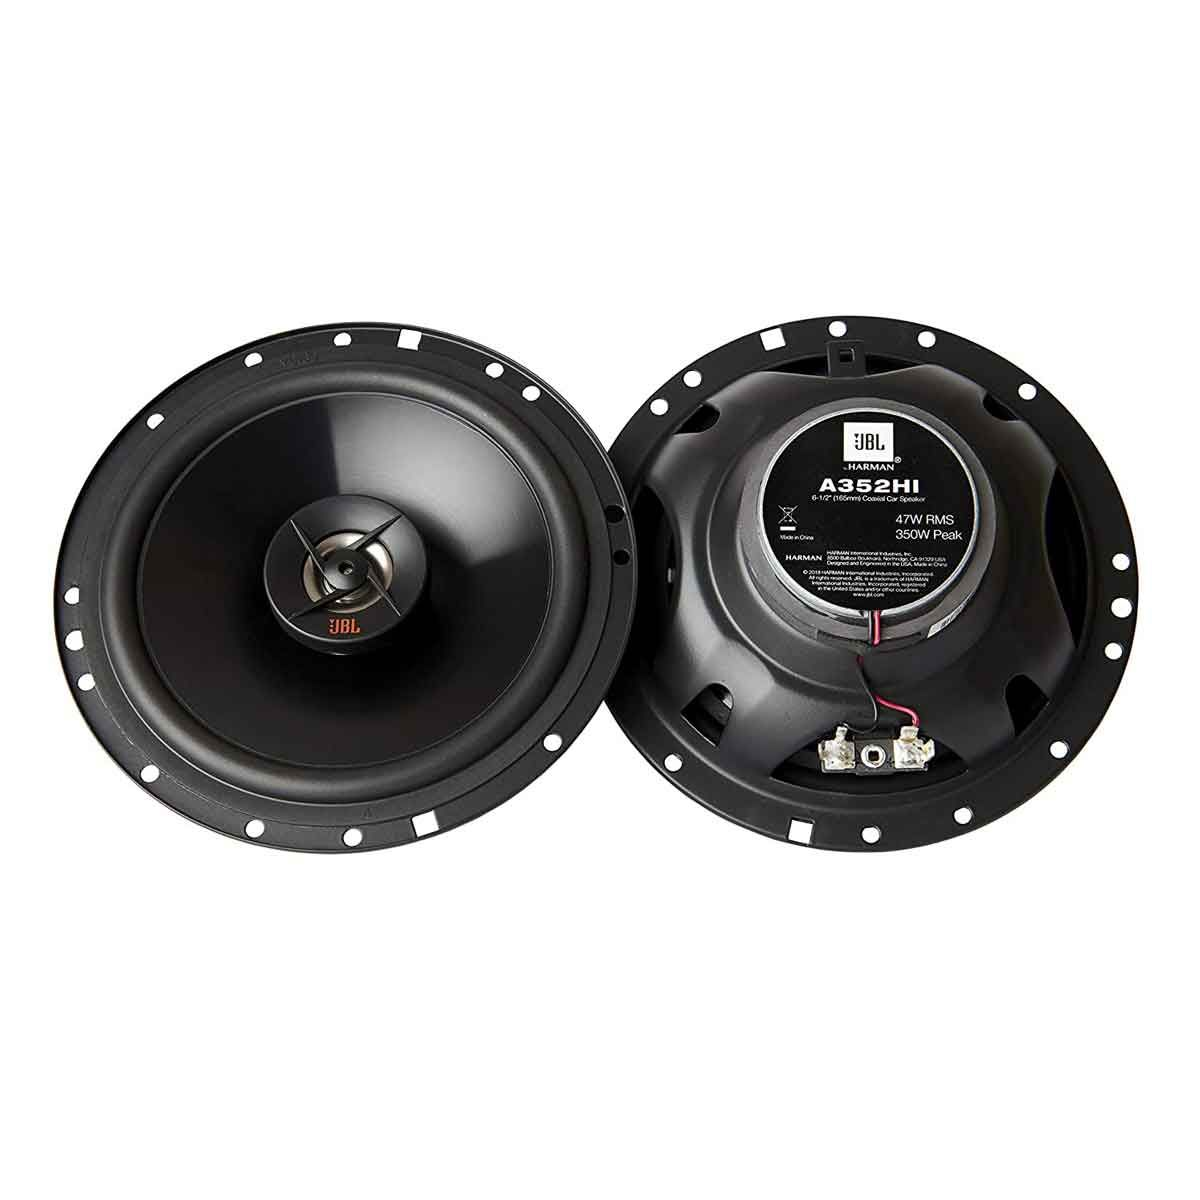 JBL Car Speakers (A352HI)